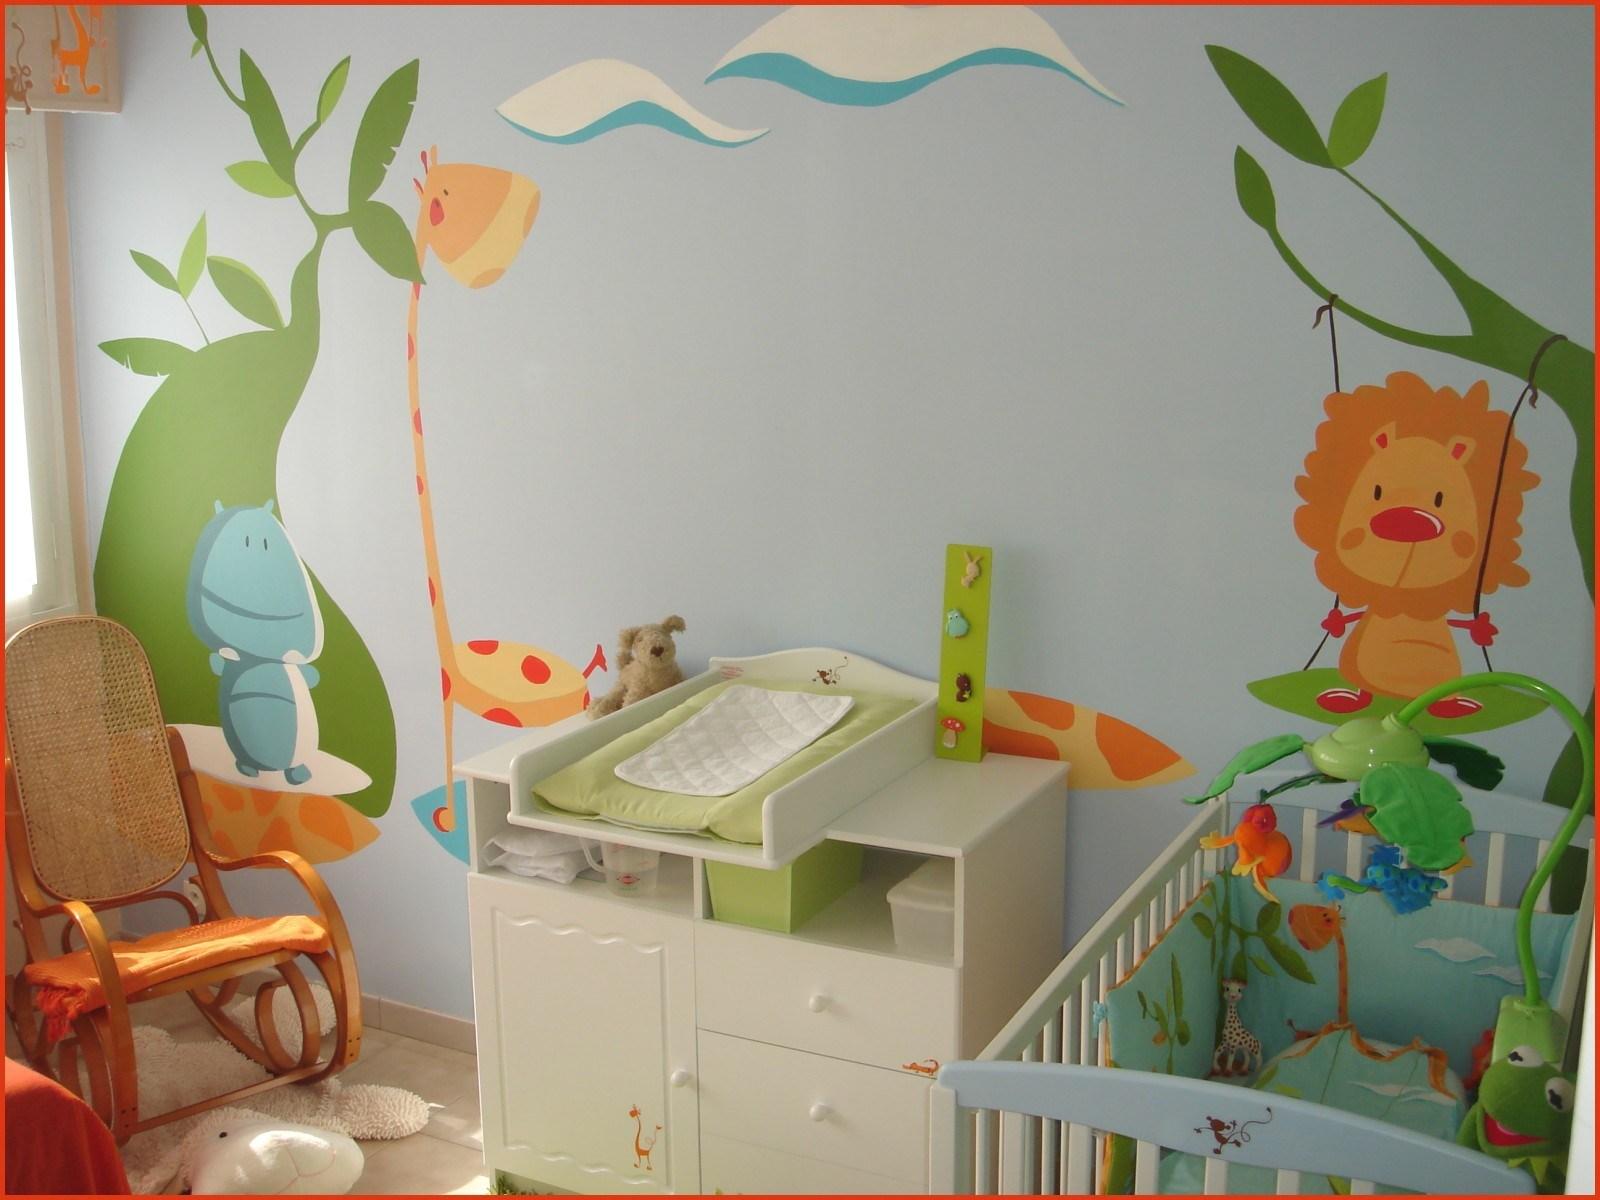 Decoration murale disney bébé